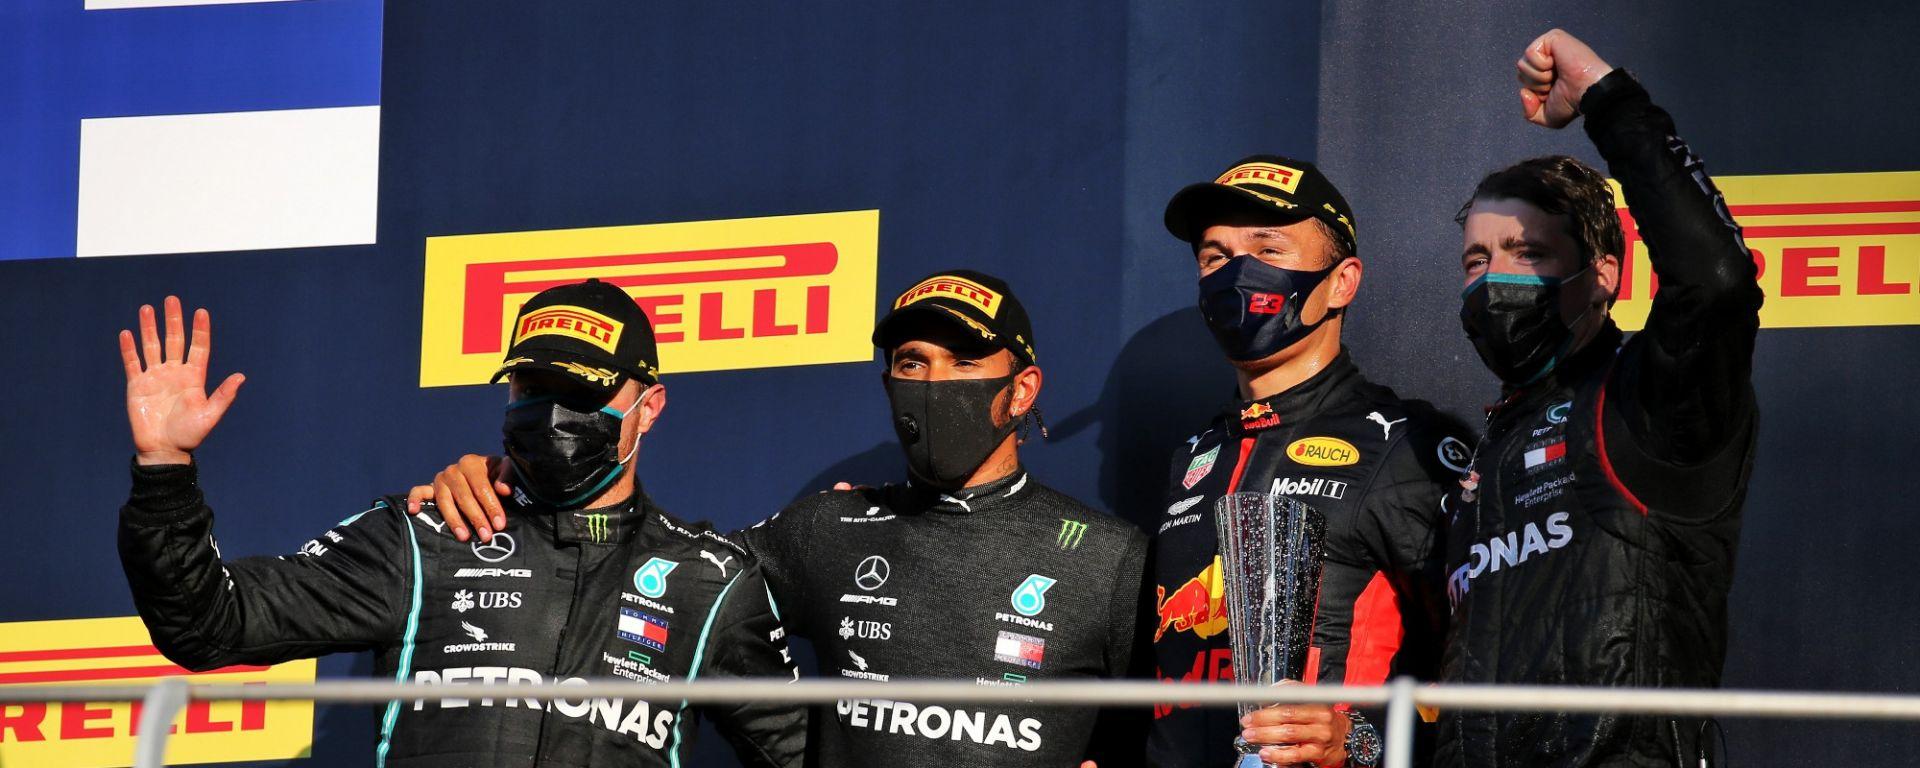 GP Toscana 2020, il podio del Mugello: Hamilton e Bottas (Mercedes), e Albon (Red Bull)